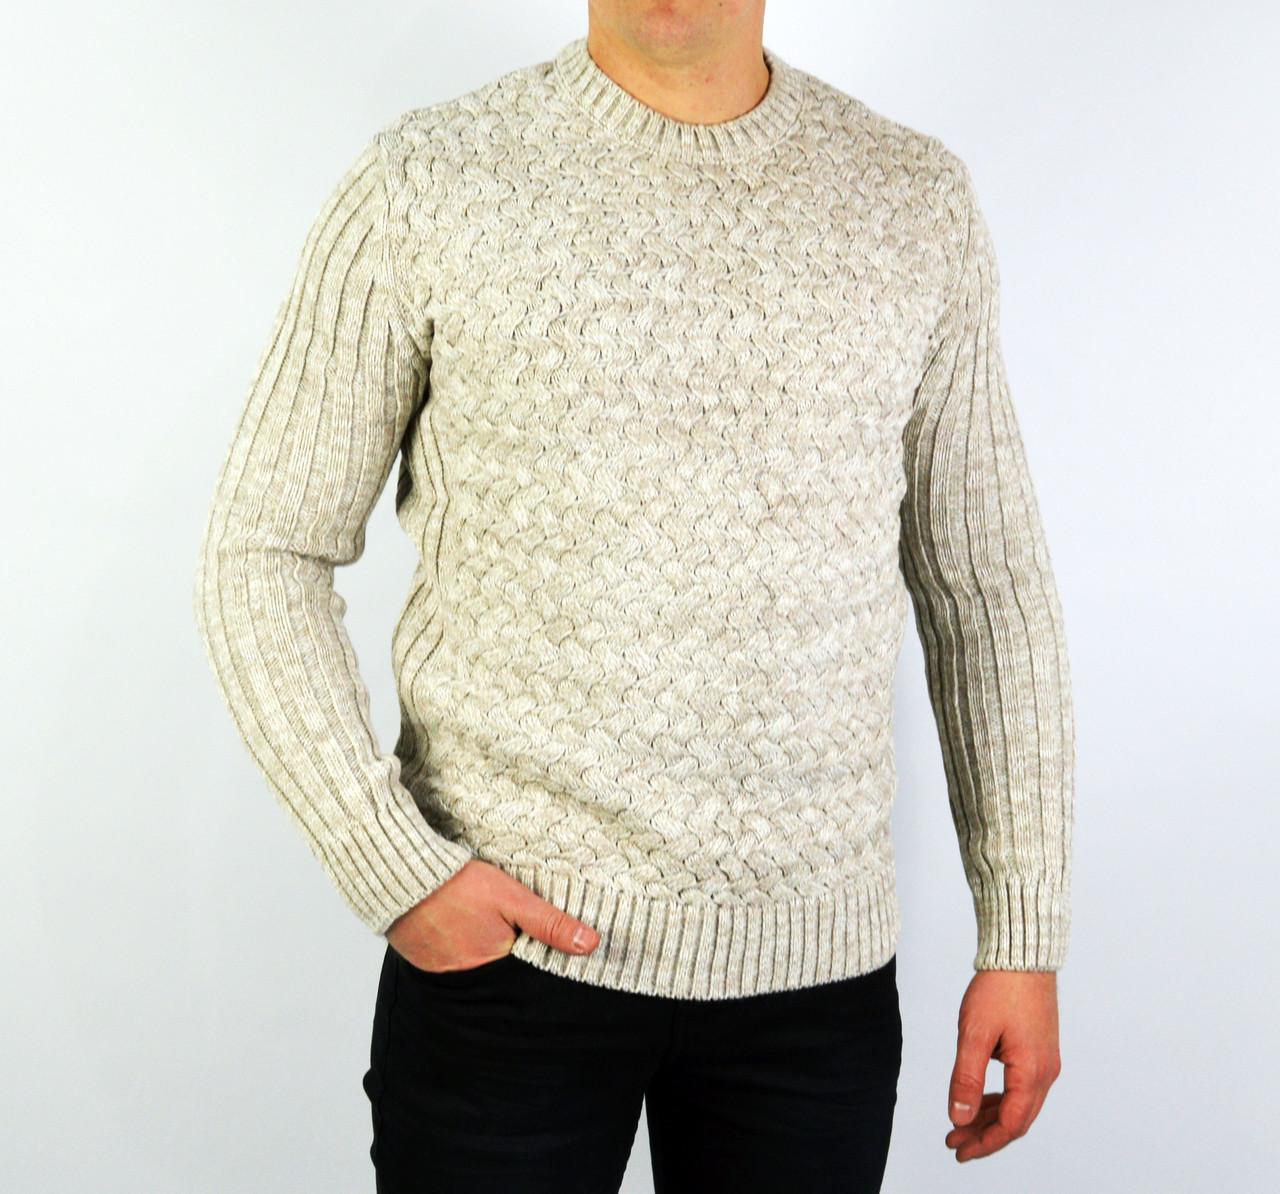 8ae437ad7f798 Бежевый мужской вязаный теплый свитер LYM23 -